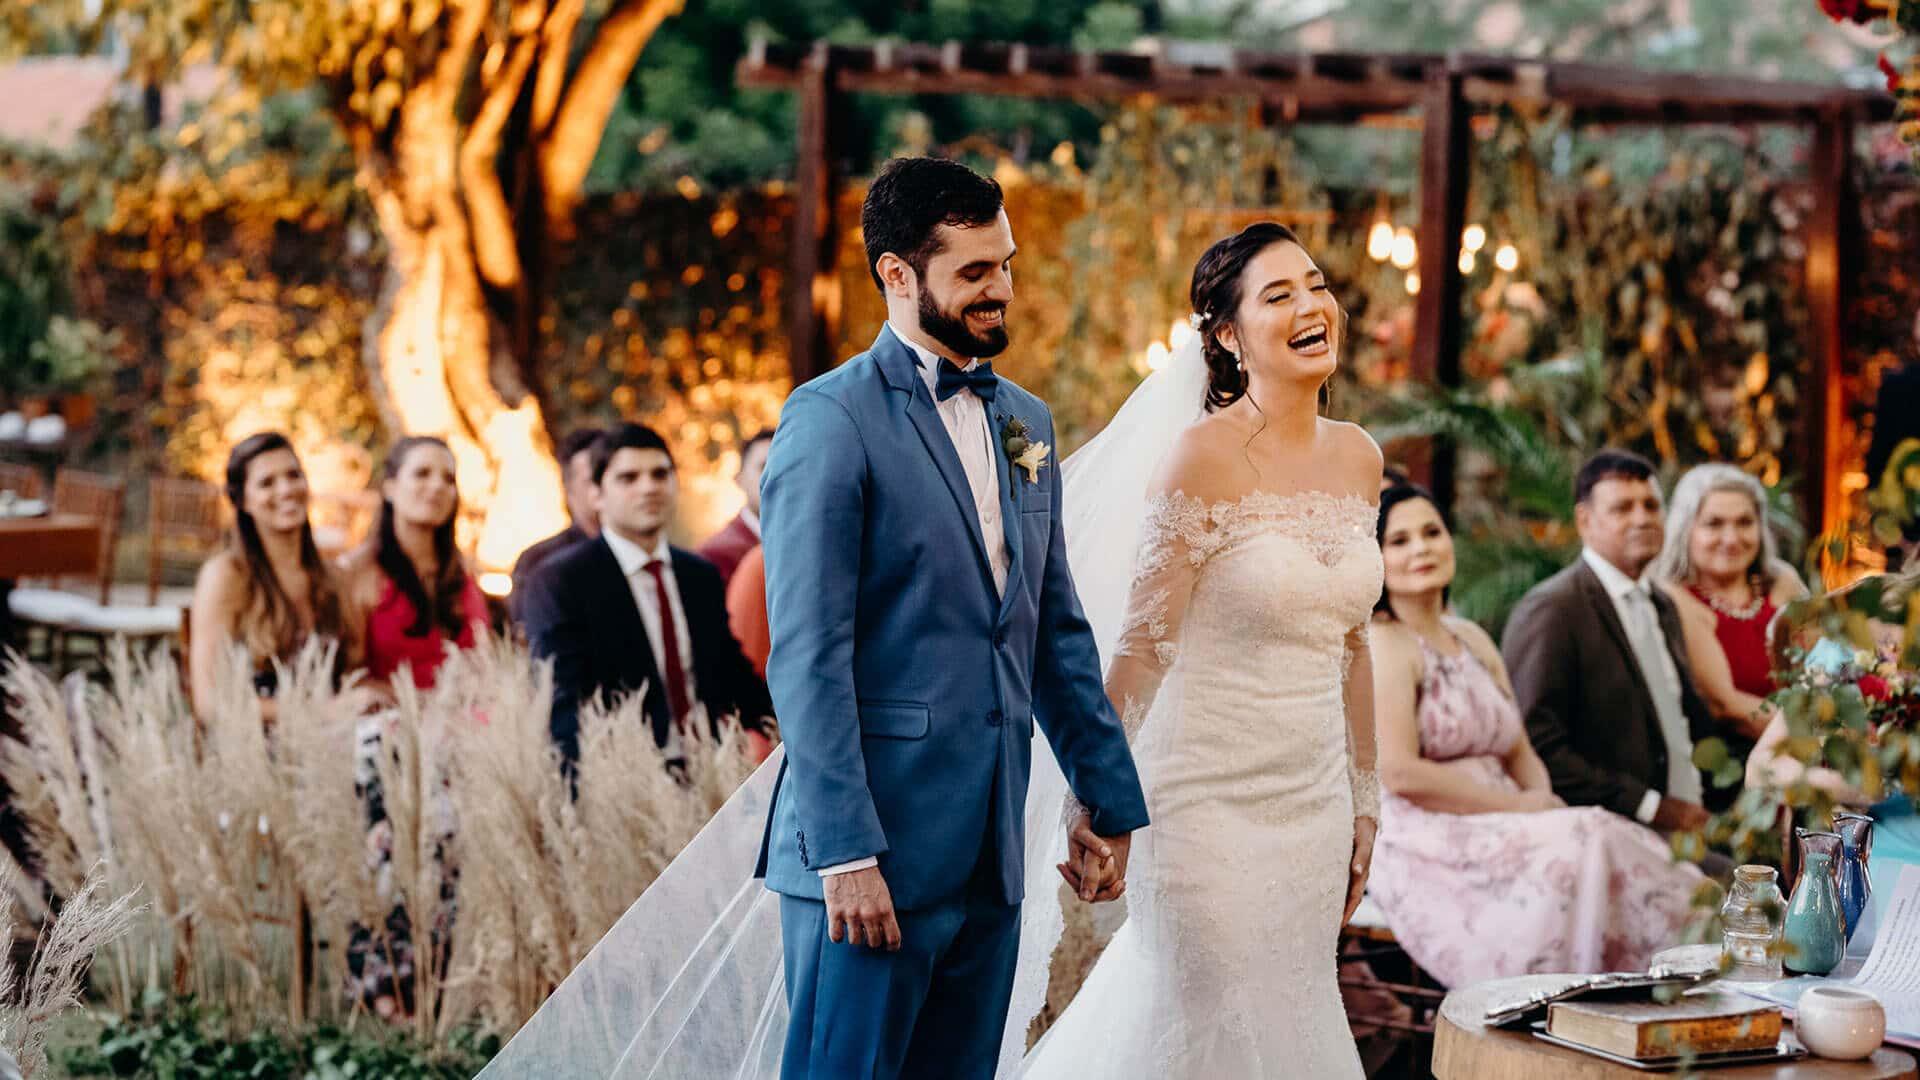 Casal de noivos sorrindo na cerimônia de casamento